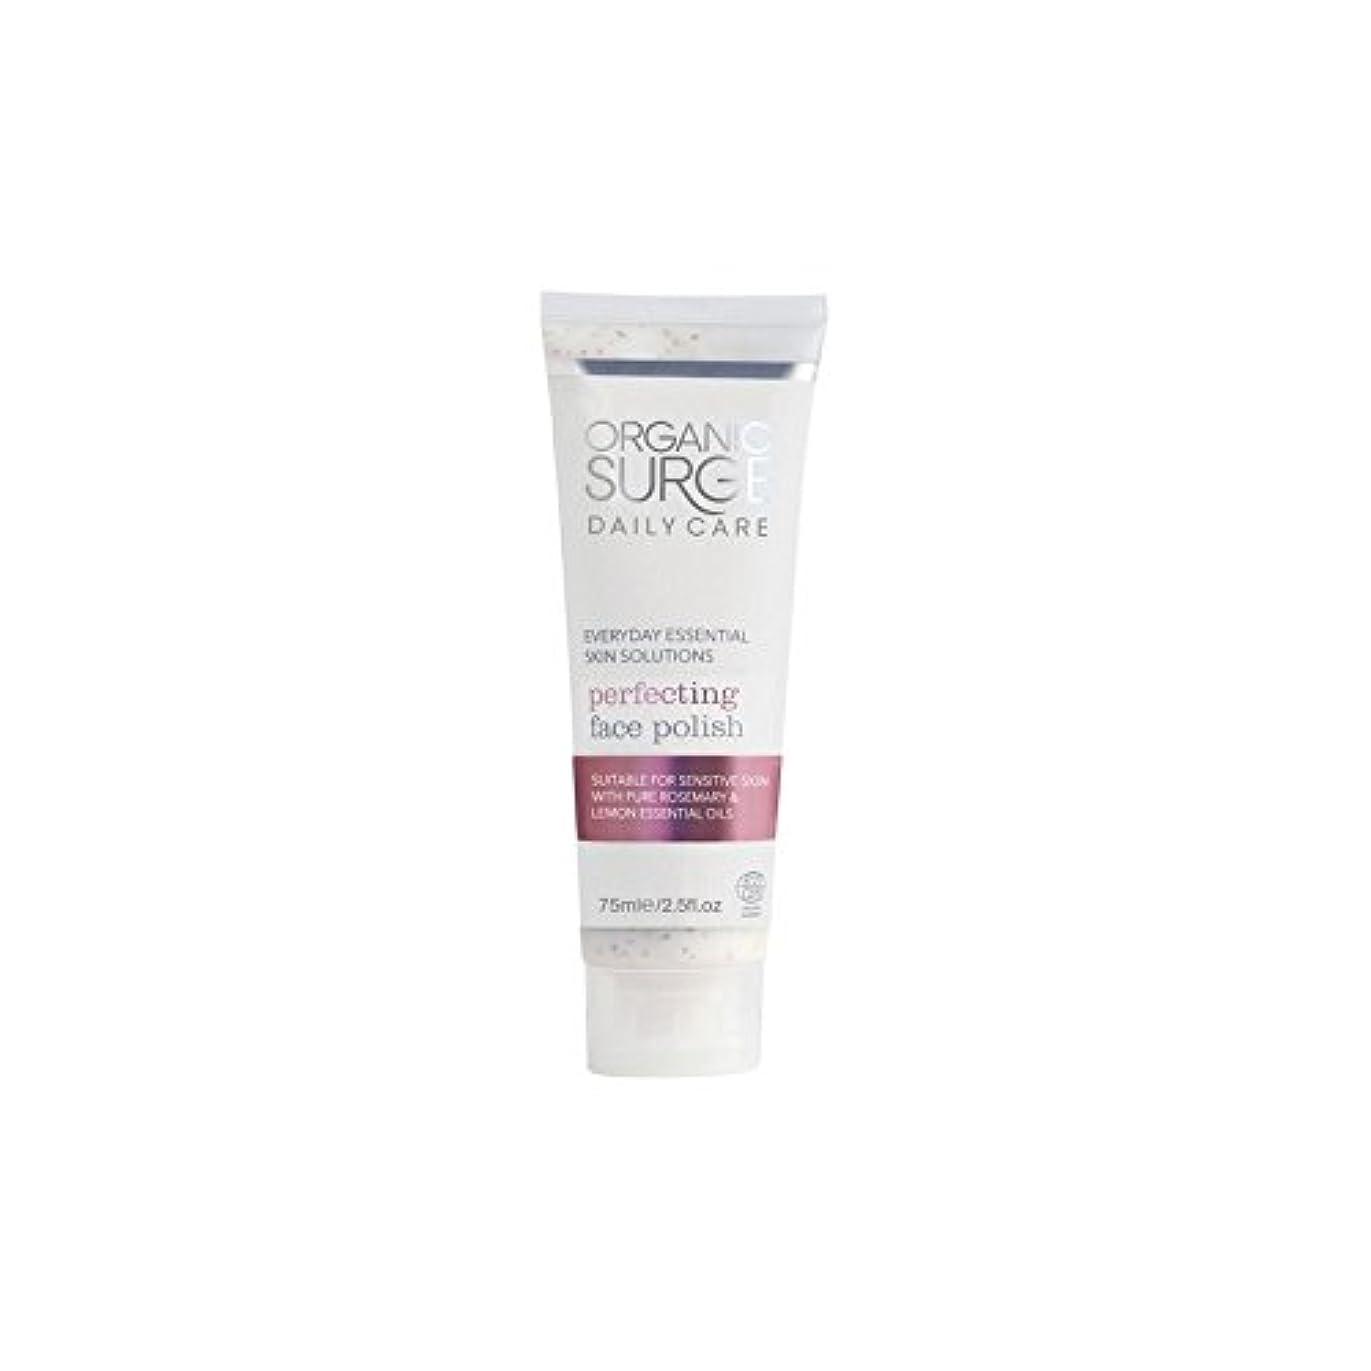 除去パイプライントランジスタ面研磨を完成有機サージ毎日のケア(75ミリリットル) x4 - Organic Surge Daily Care Perfecting Face Polish (75ml) (Pack of 4) [並行輸入品]